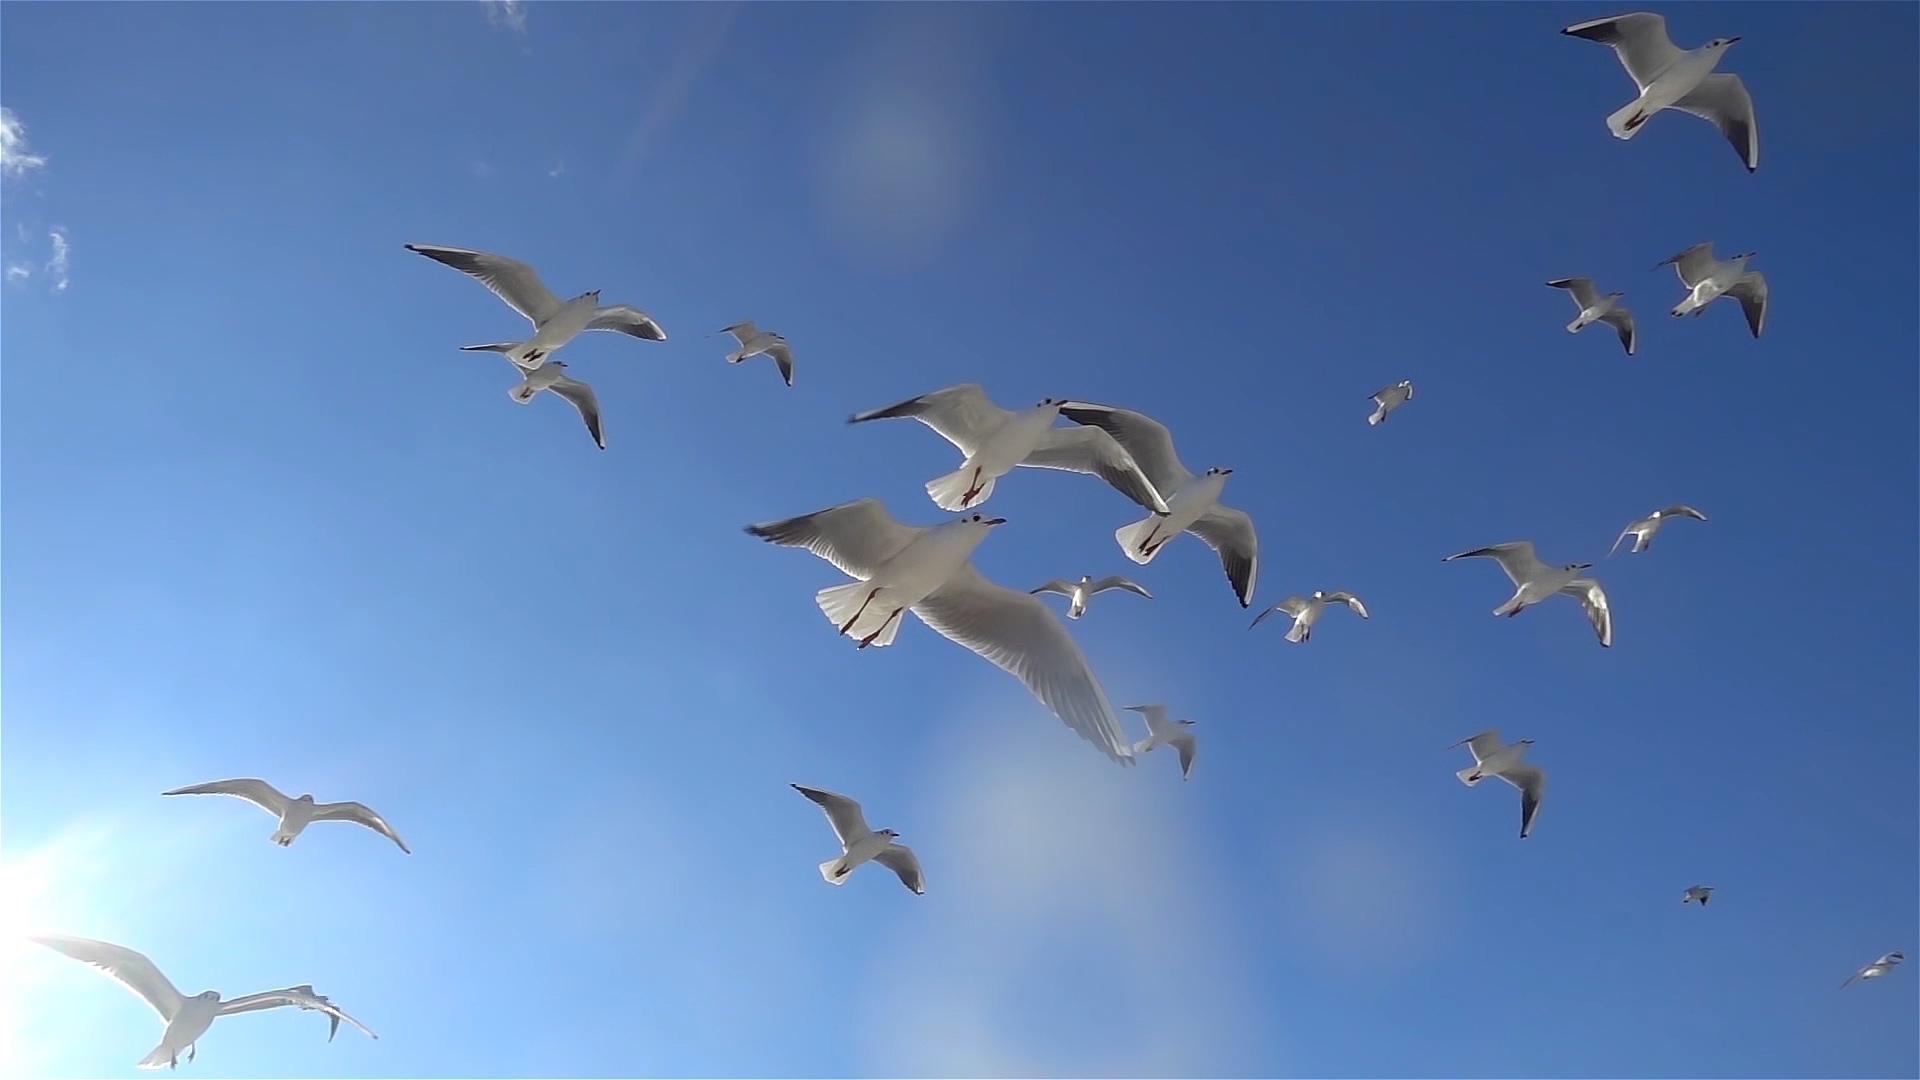 飞翔的鸟视频素材